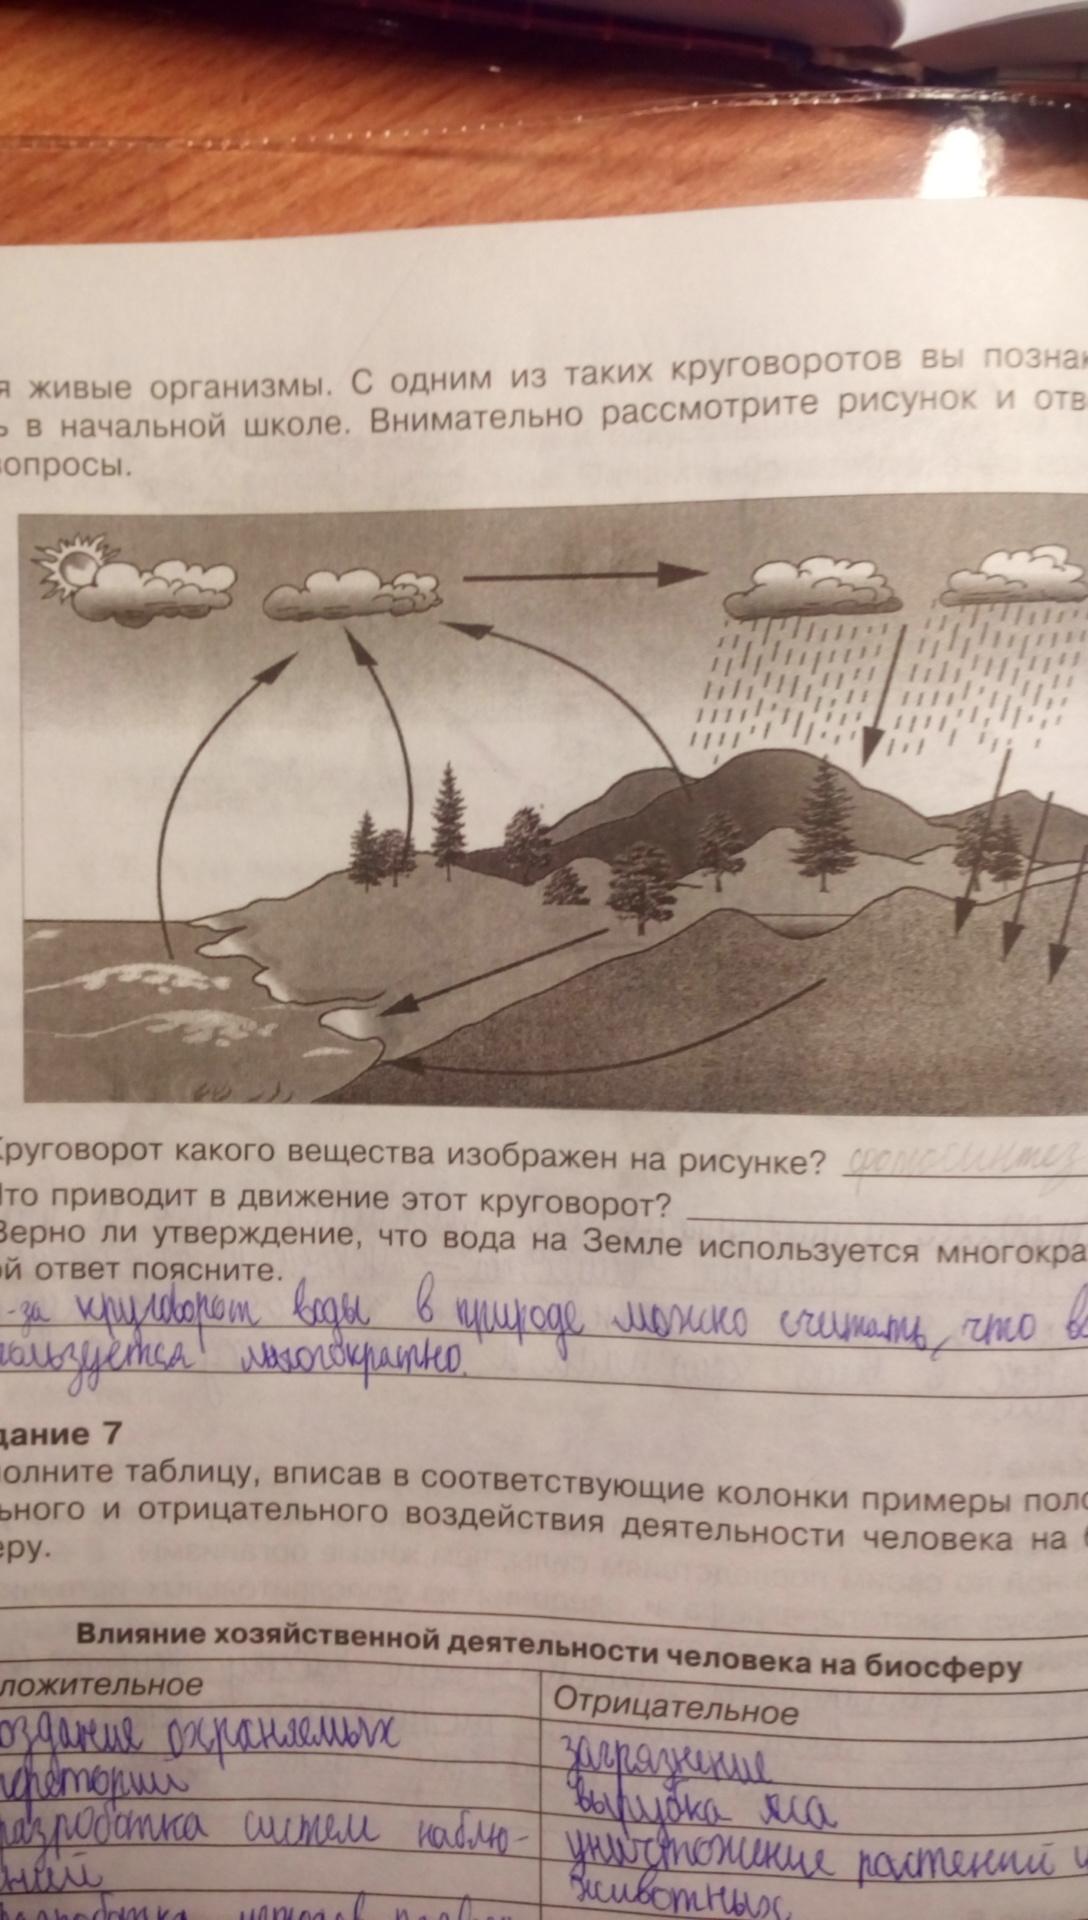 Круговорот какого вещества изображен на рисунке?